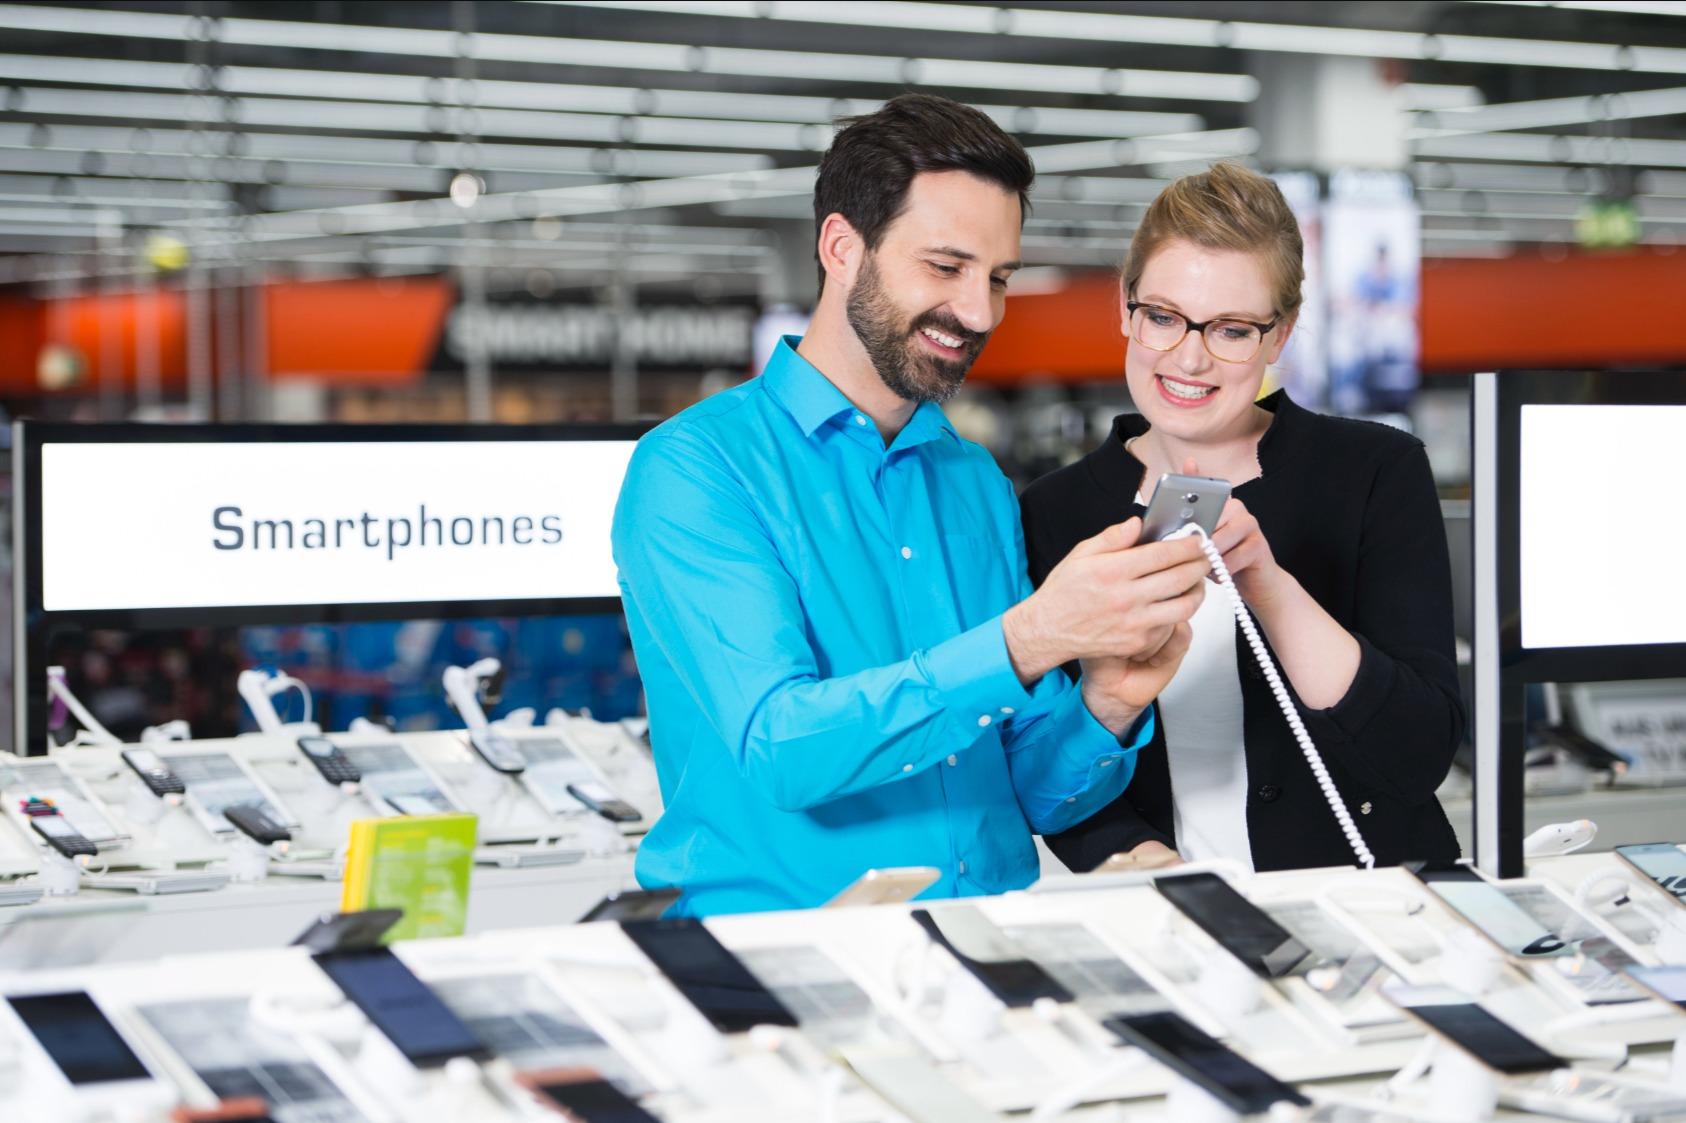 Saturn schickt jetzt diese neuen Smartphone-Angebote ins Rennen